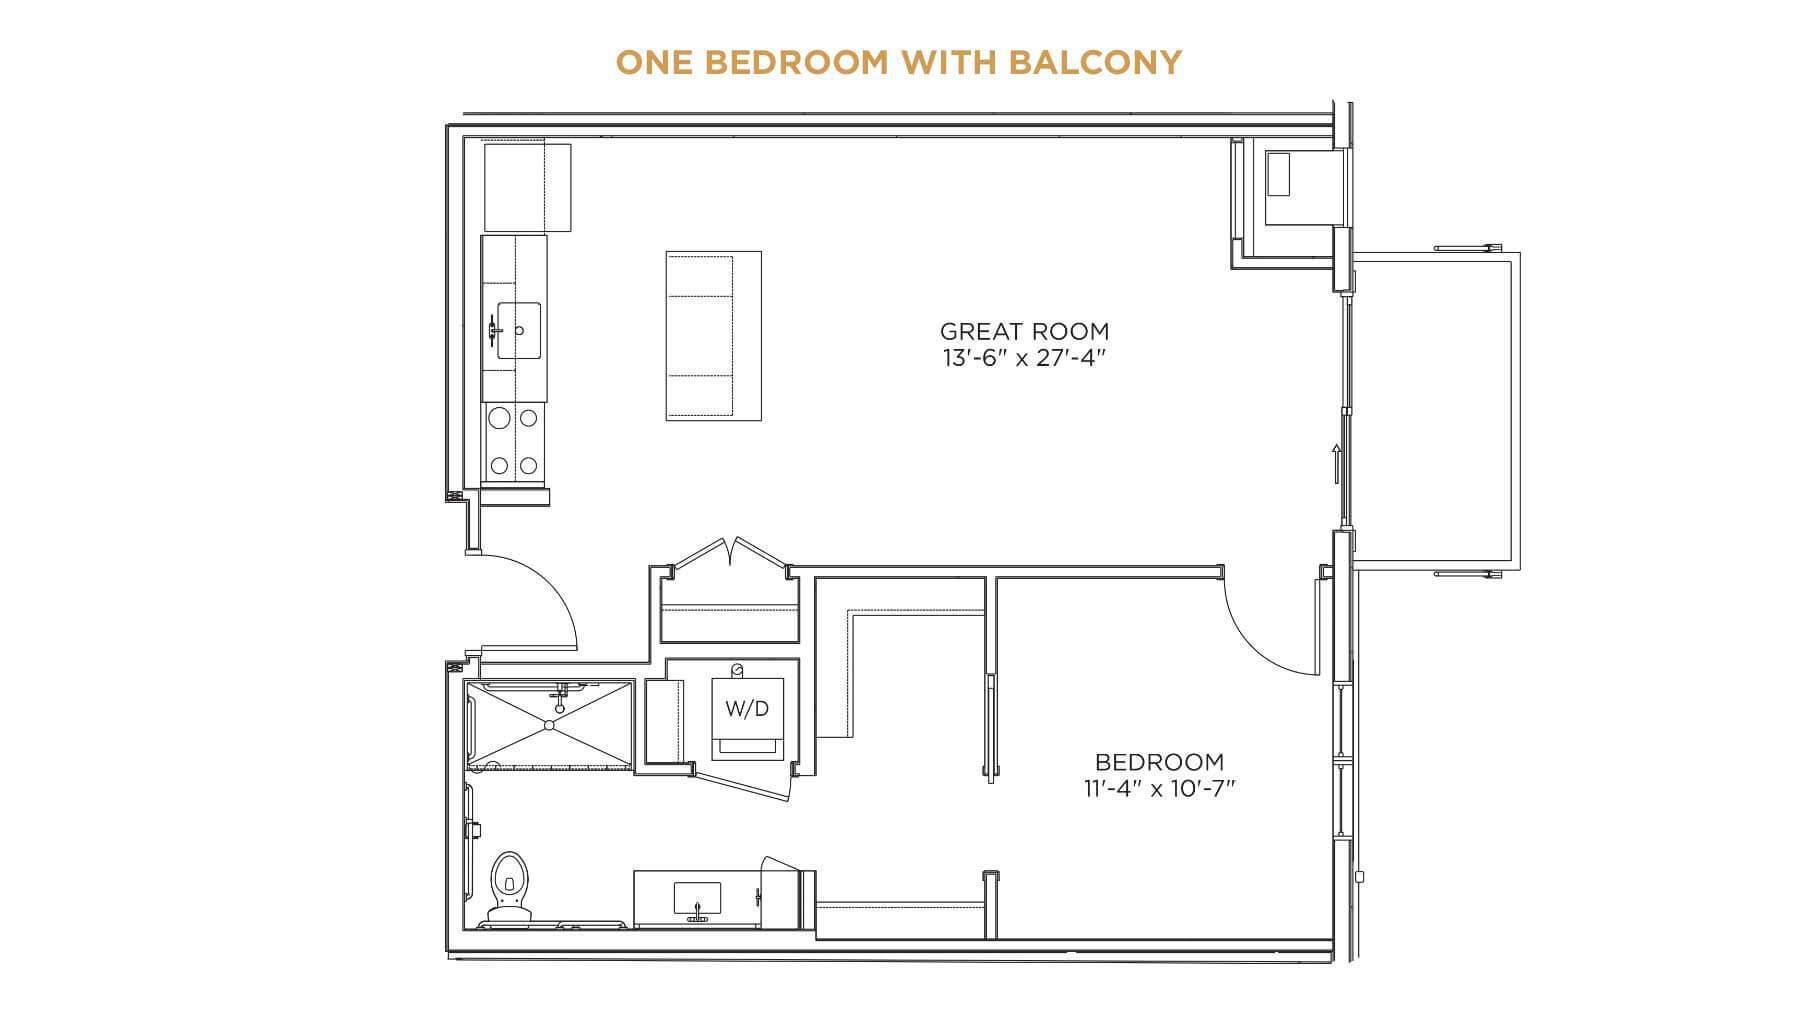 One Bedroom with Balcony Floor Plan - senior living properties Cedar Rapids - Grand Living at Indian Creek